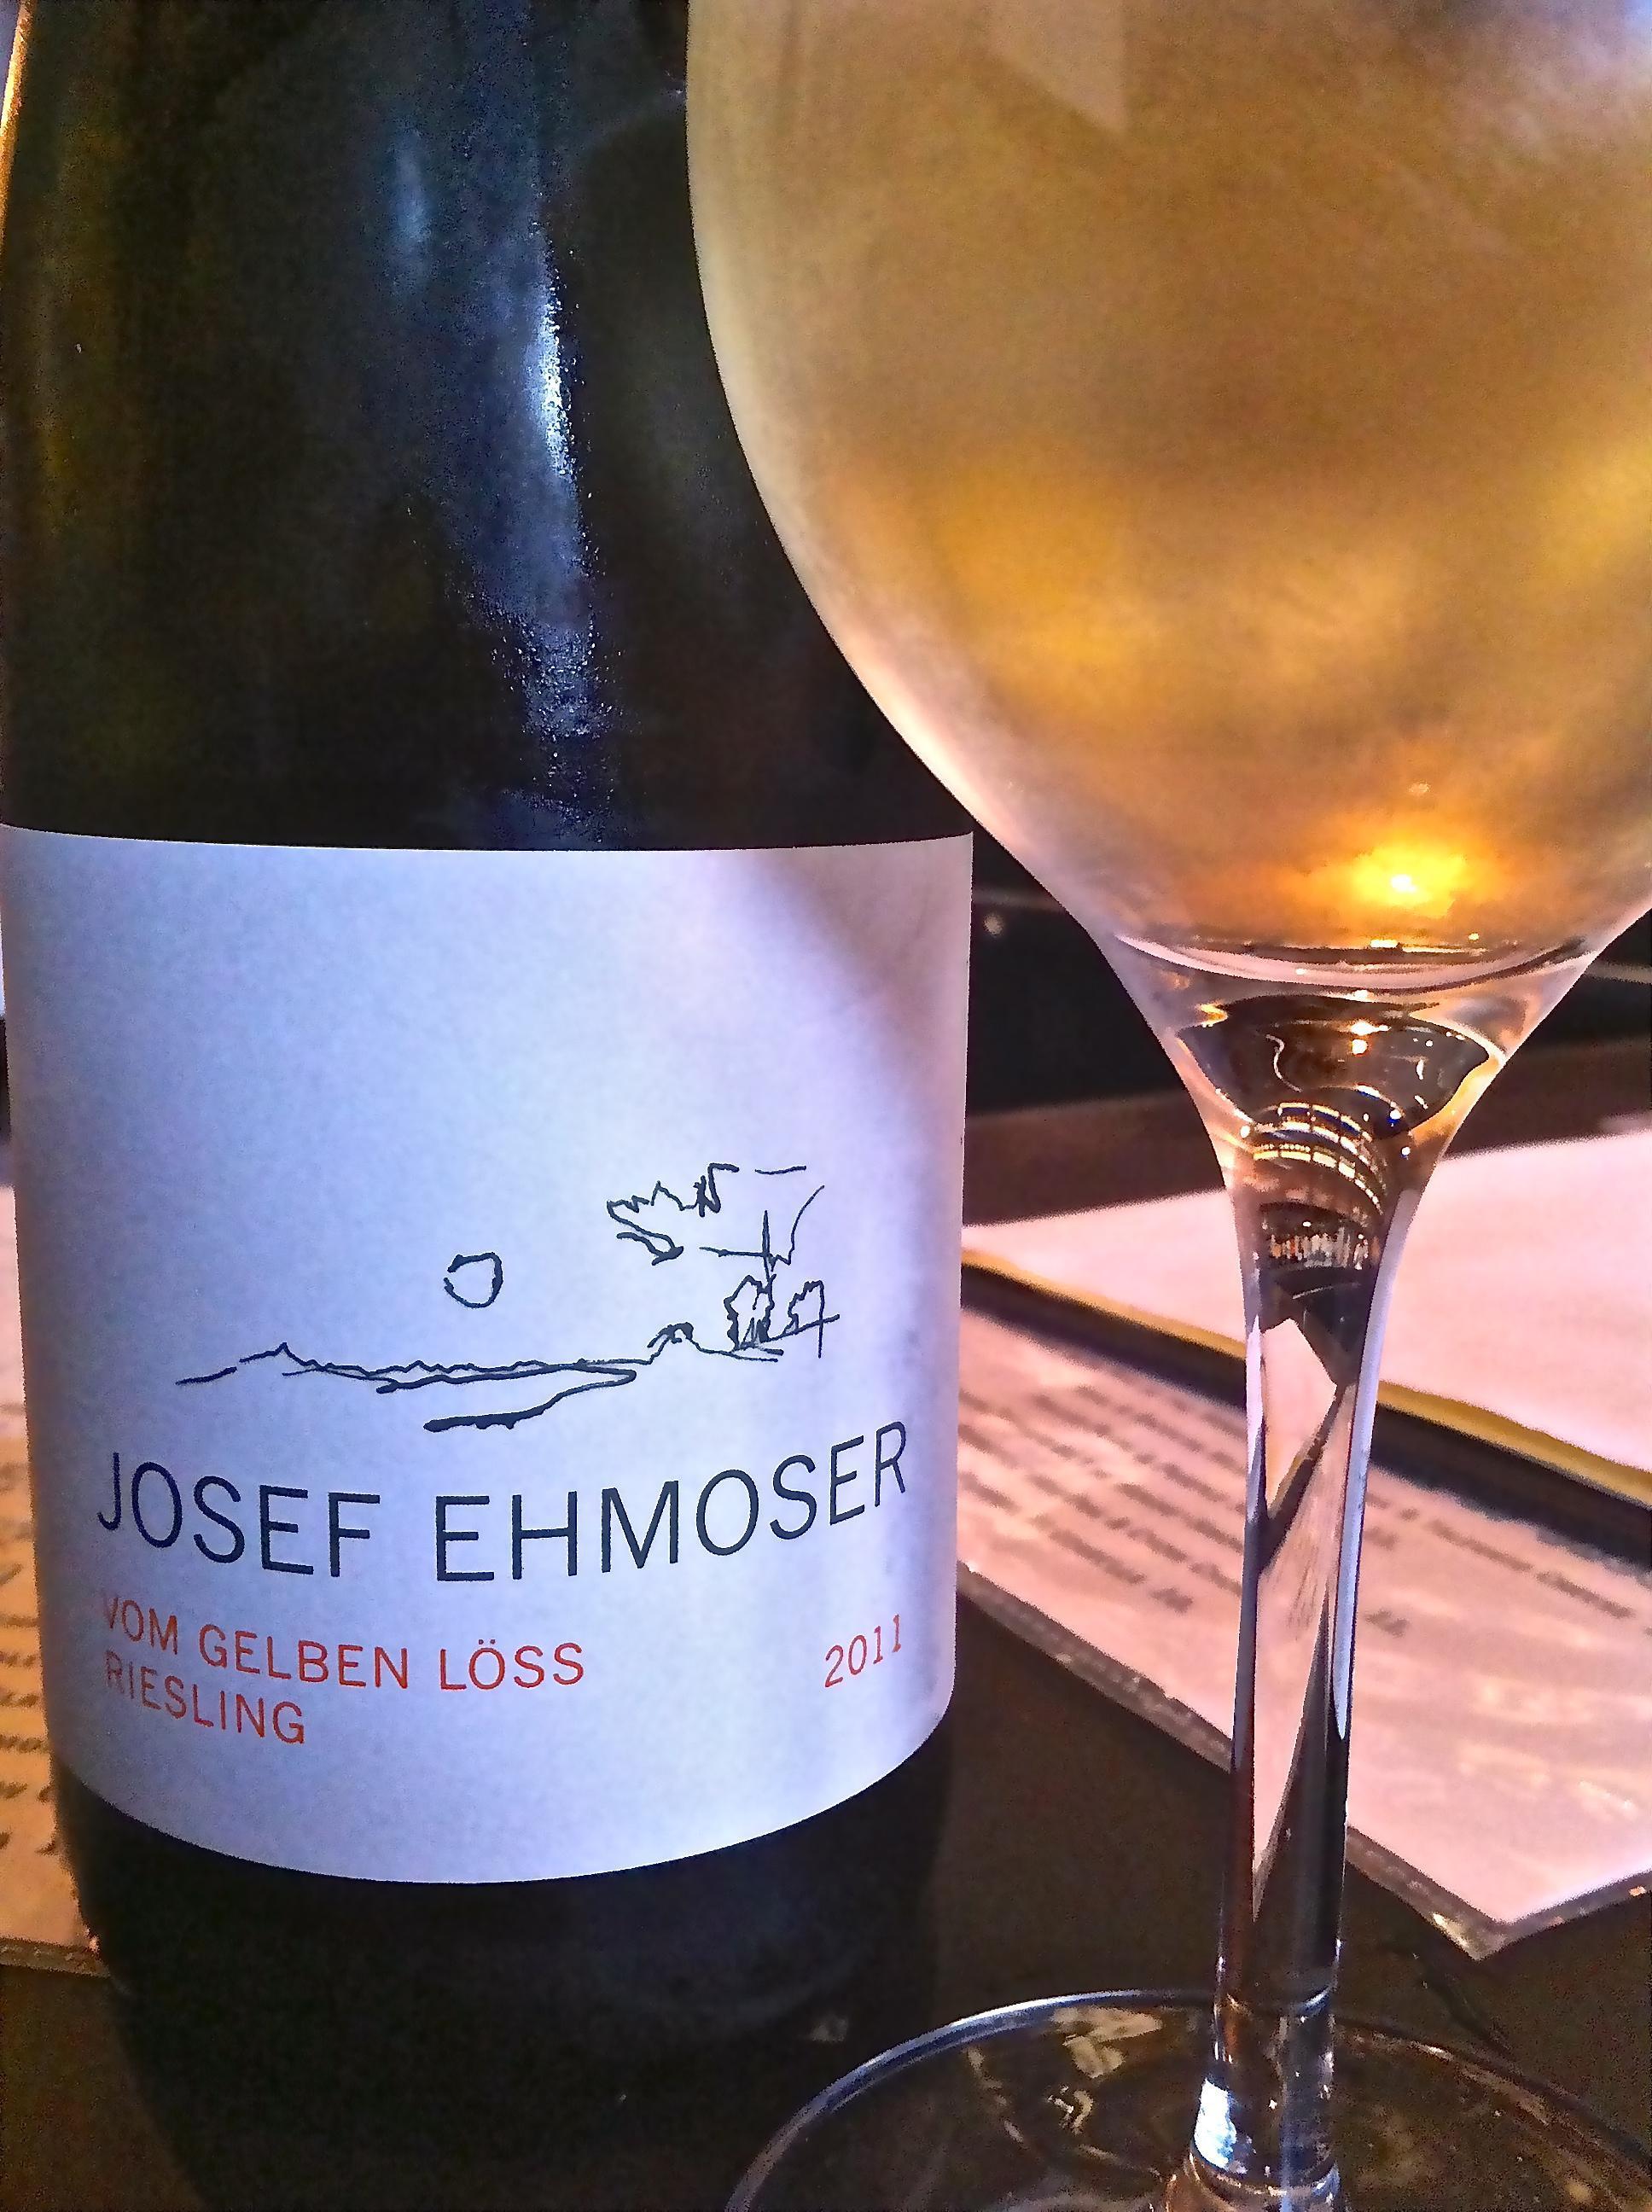 Josef Ehmoser, Vom Gelben Löss, Riesling 2